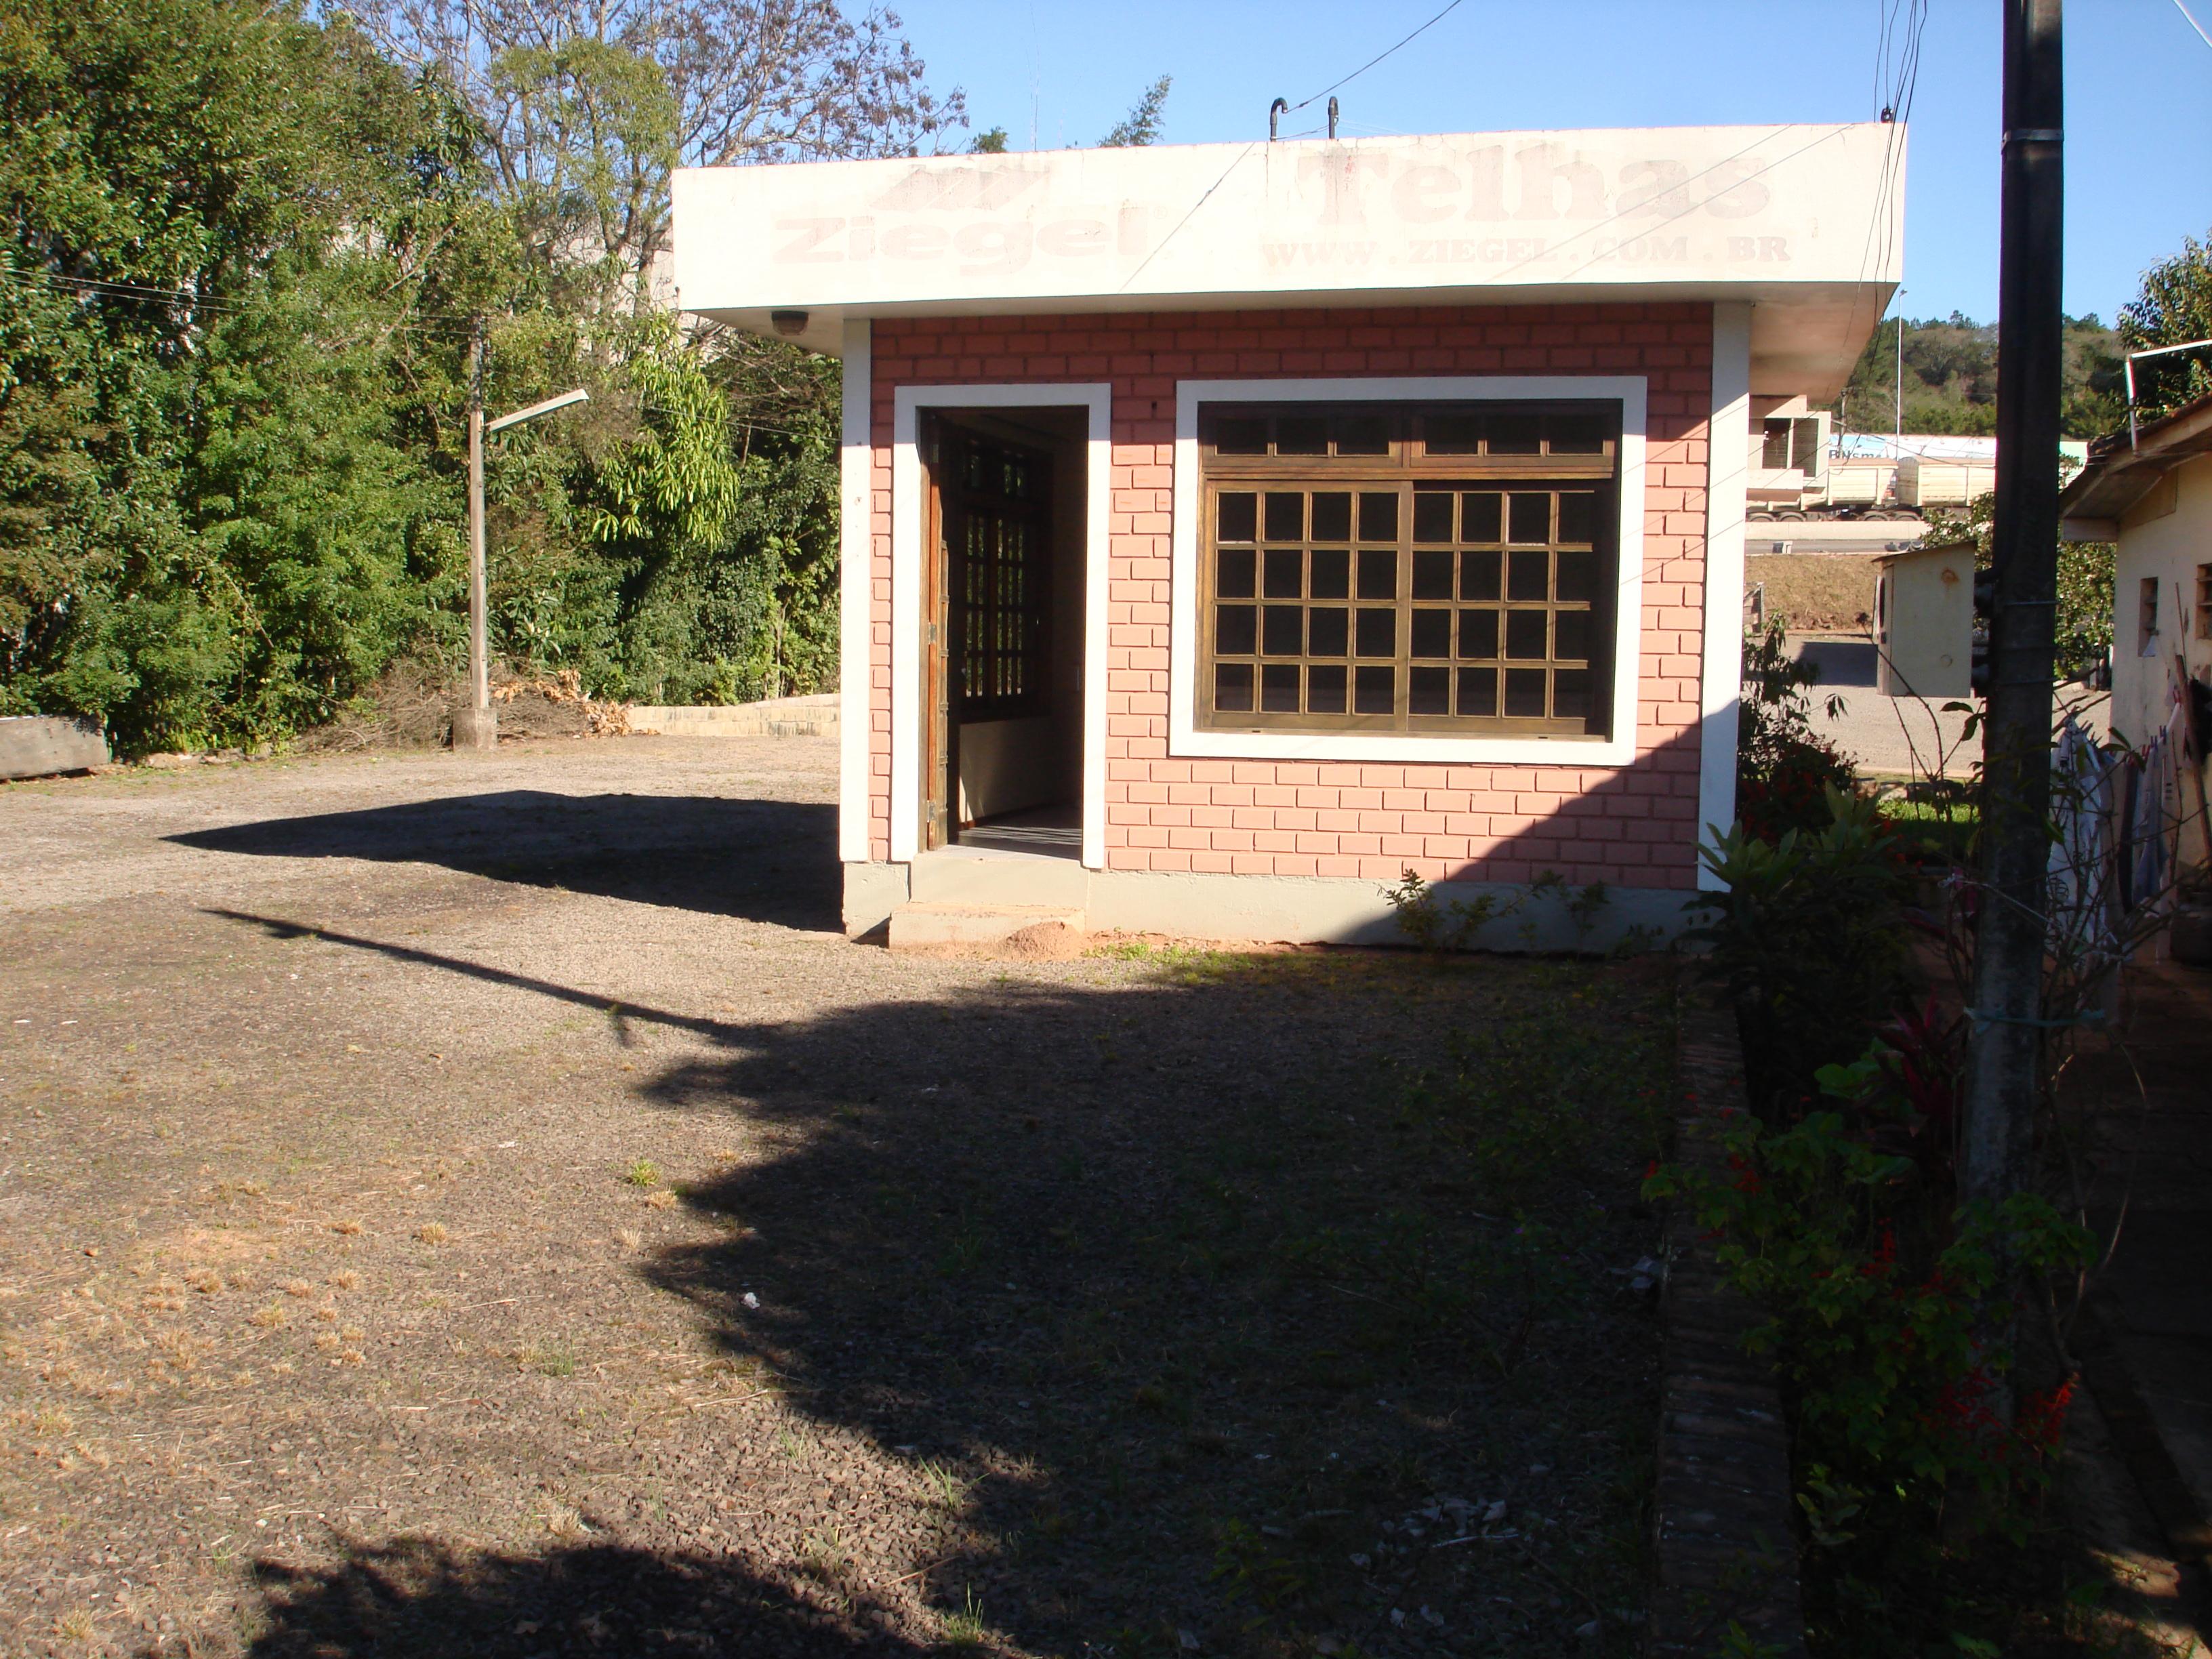 LOJA no bairro KM 03 em SANTA MARIA/RS - Loja Imobiliária o seu portal de imóveis para alugar, aluguel e locação